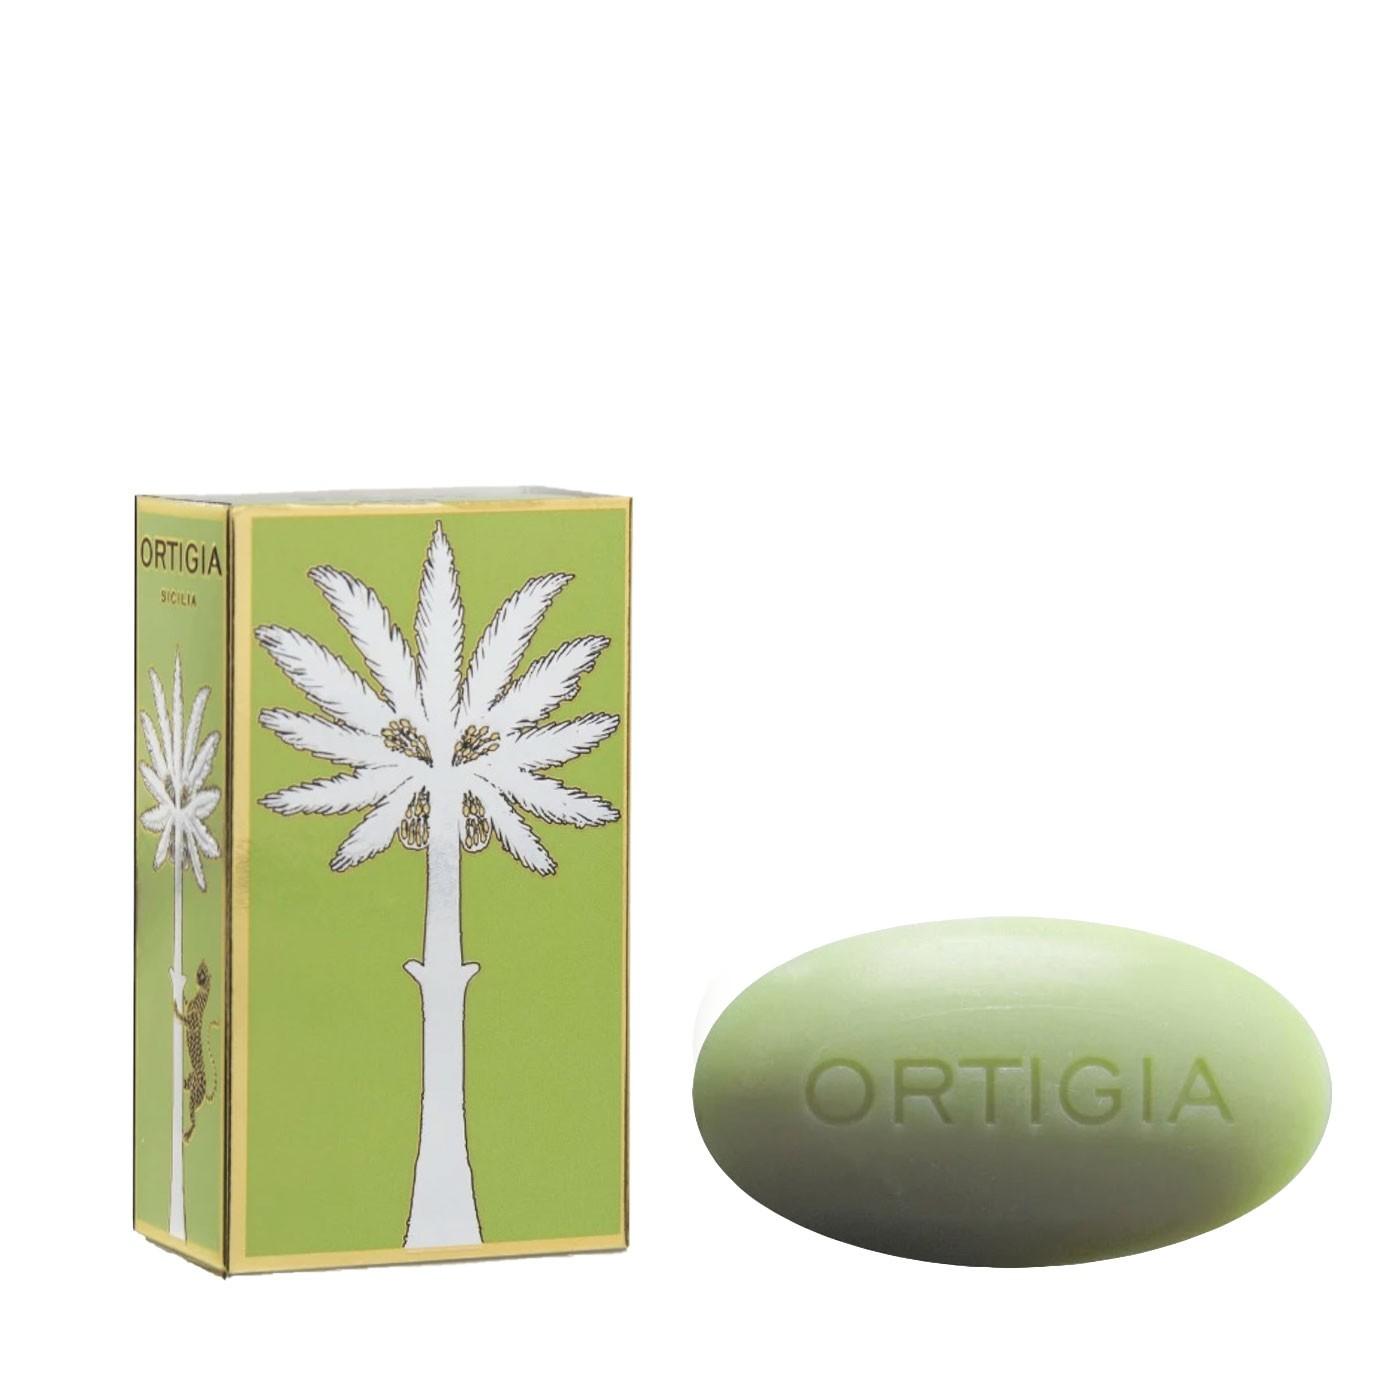 Fico d'India Scented Soap Bar 1.4 oz - Ortigia   Eataly.com